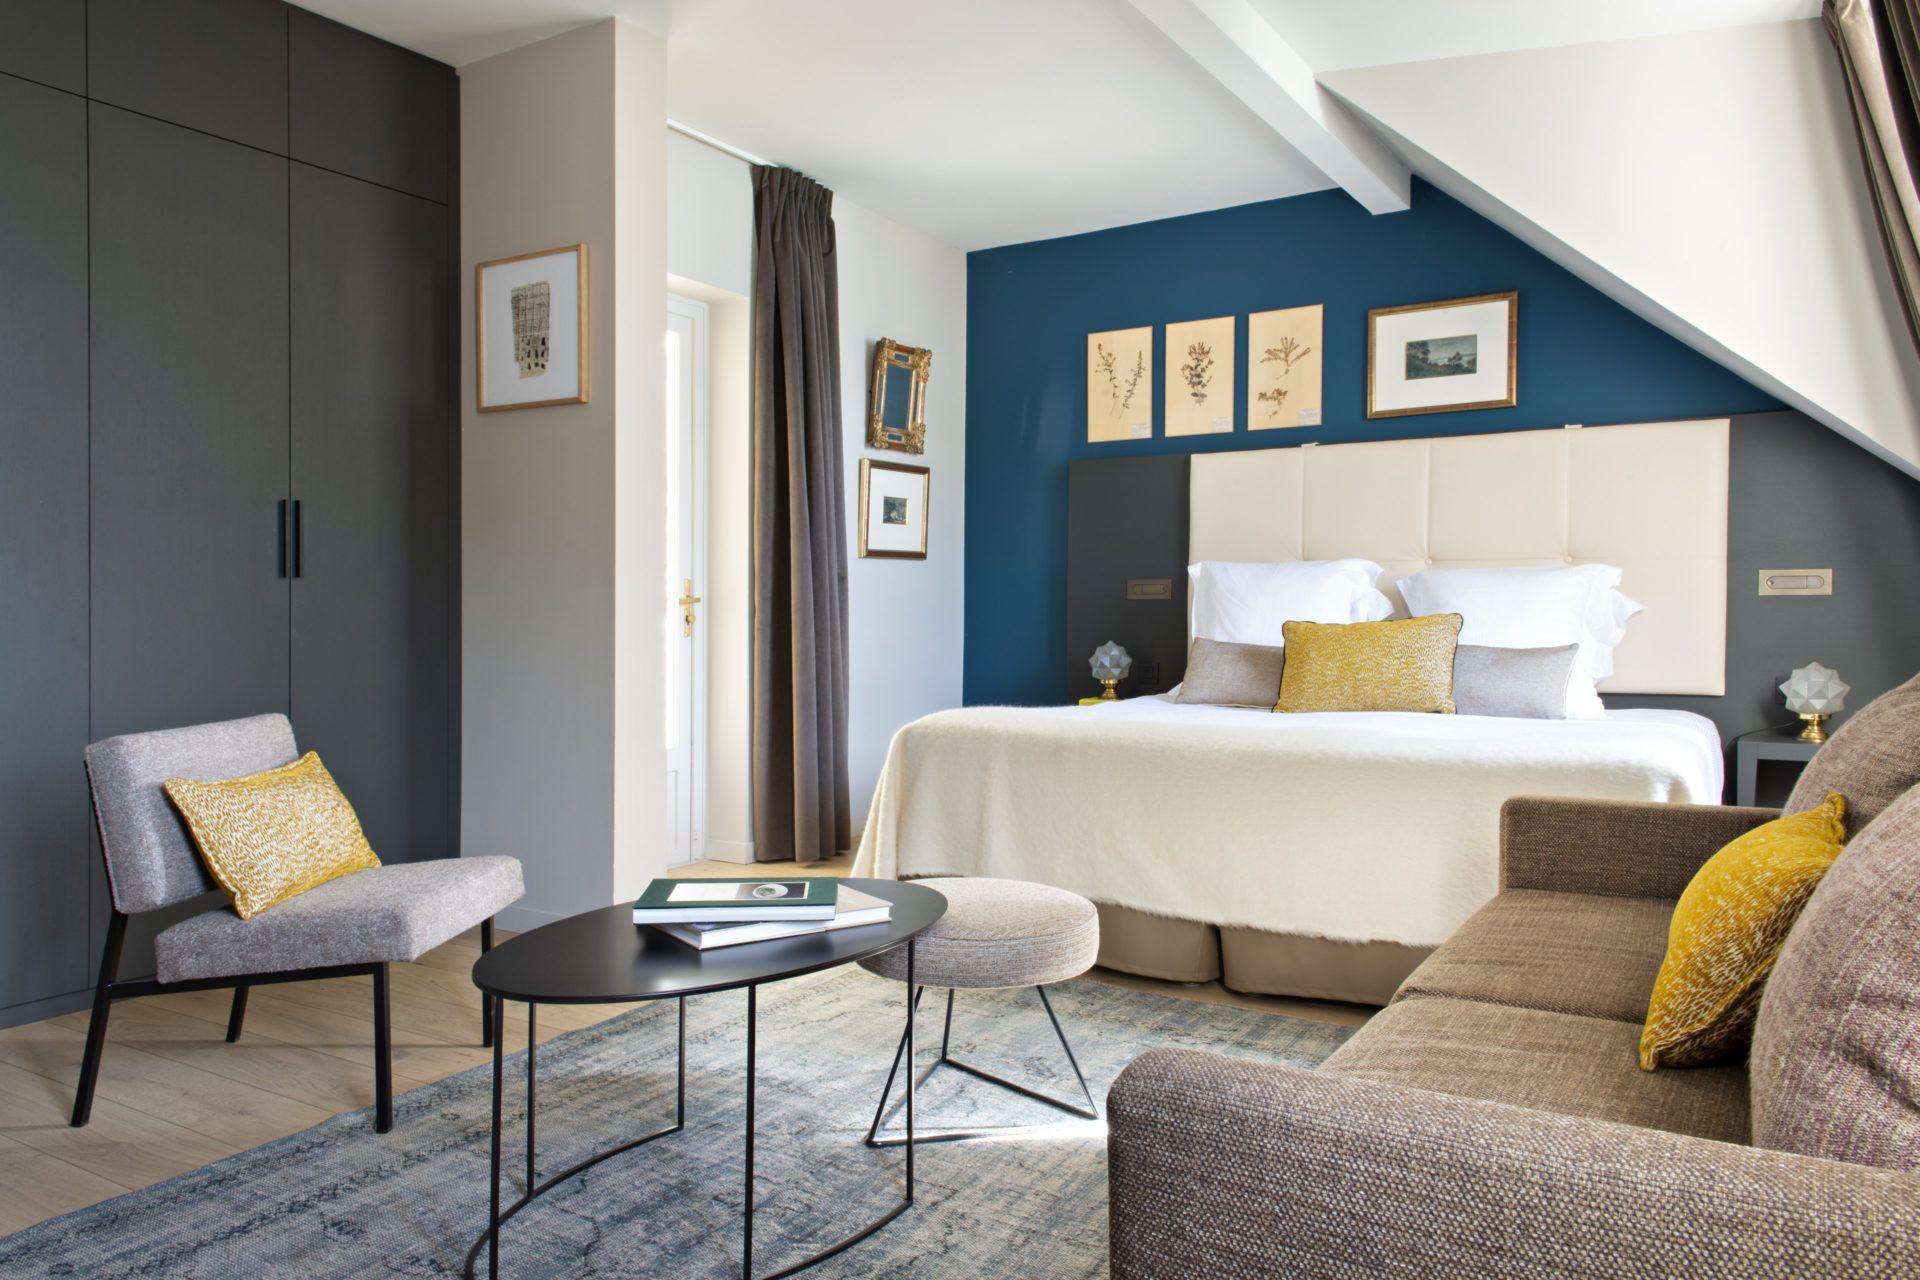 chambre charme de l'hôtel 5 étoiles